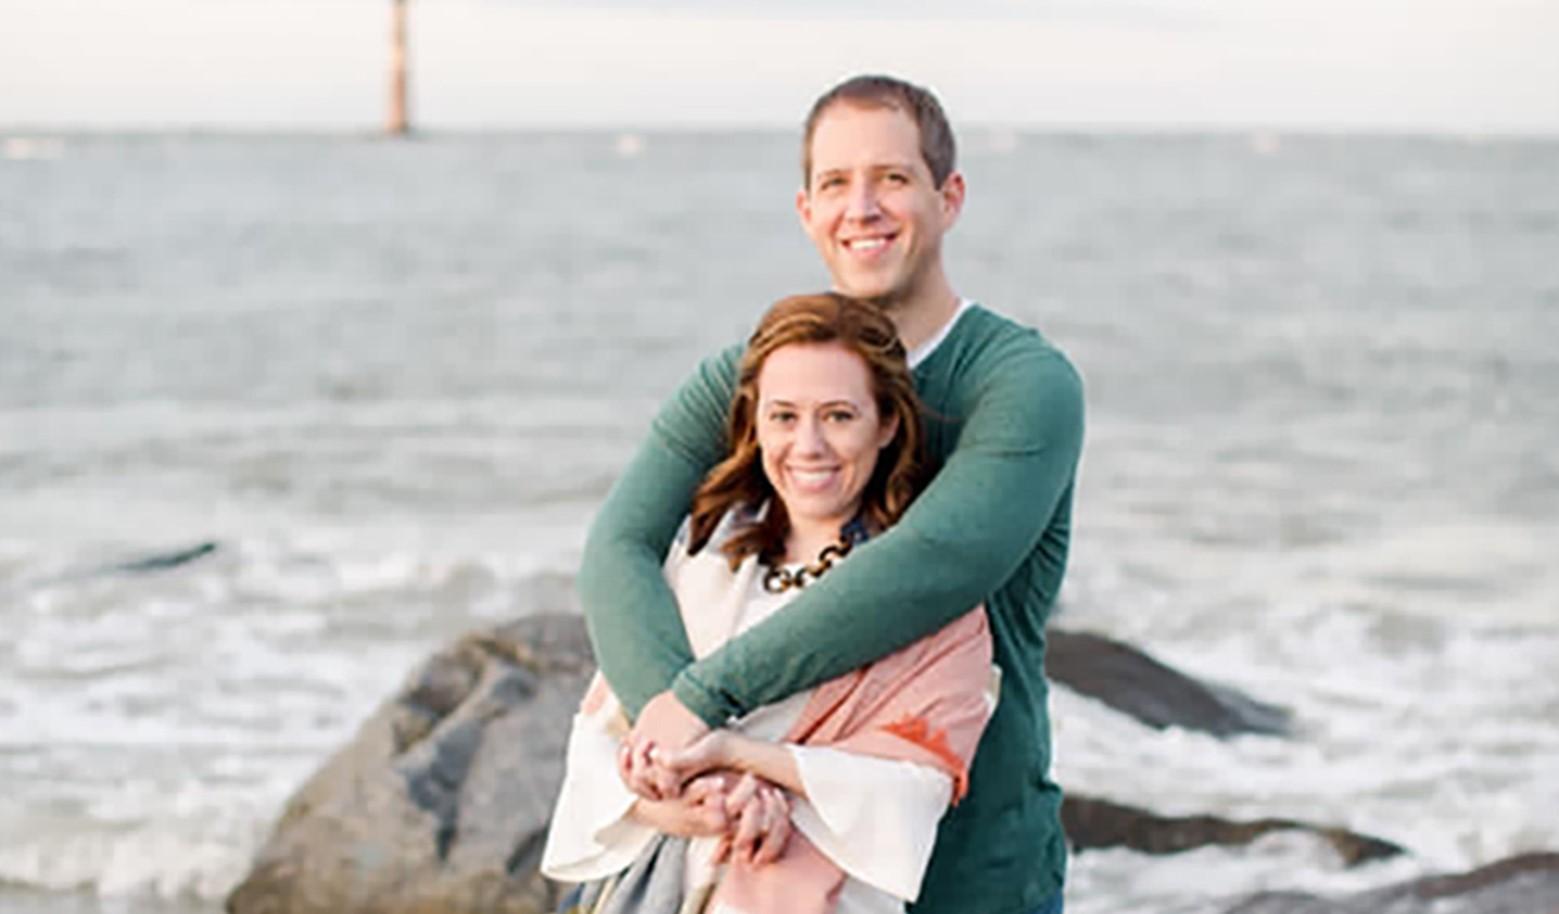 سوختن عروس و داماد آمریکایی دز آتشفشان نیوزلند